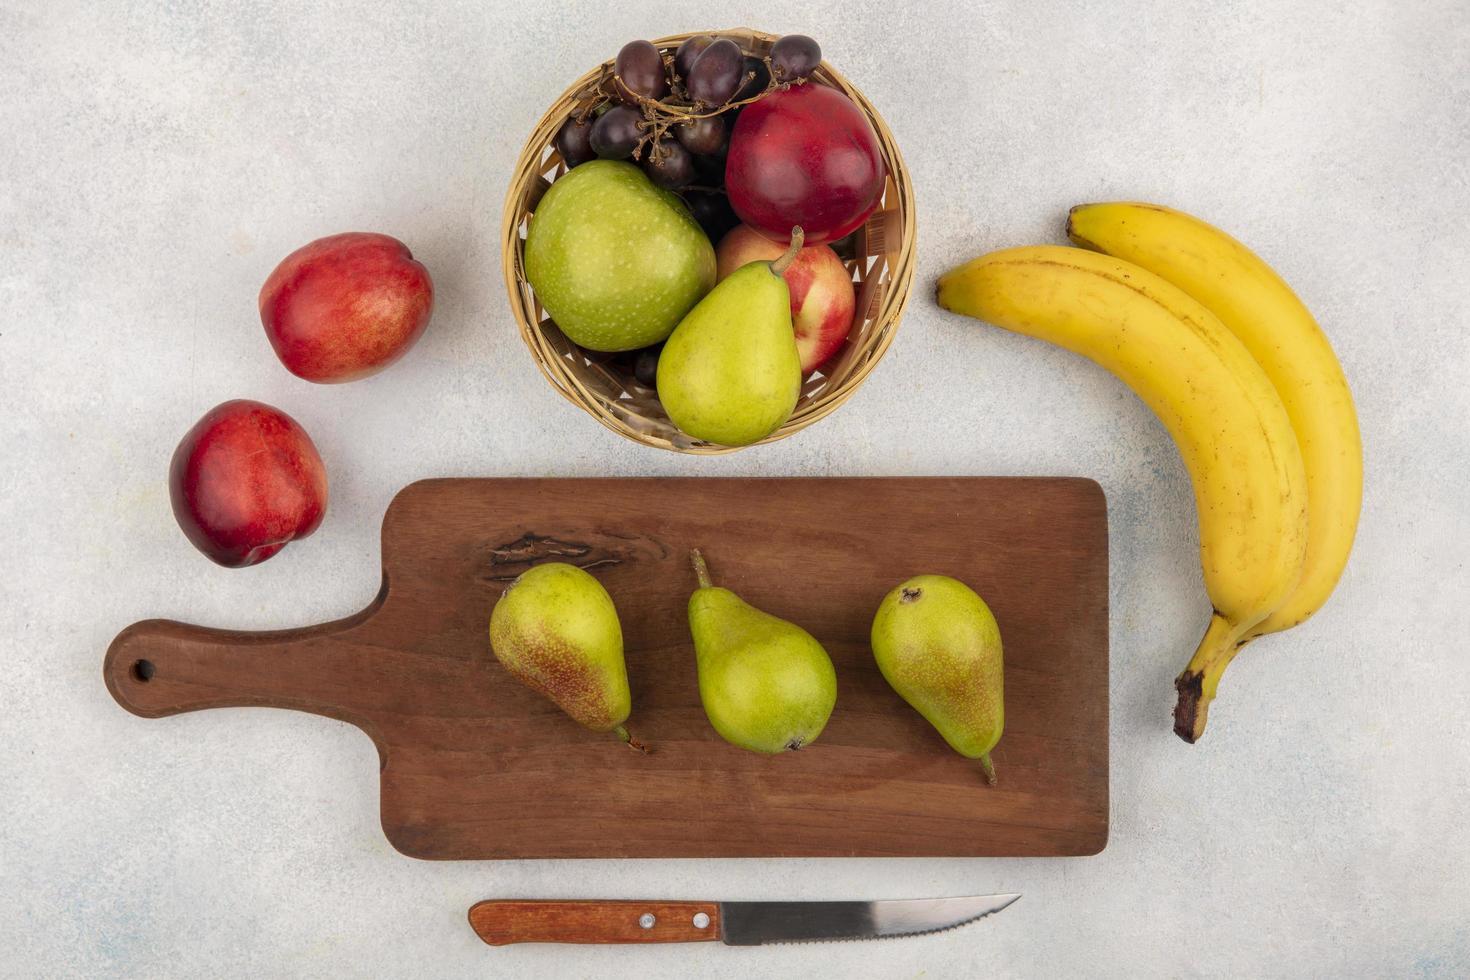 Surtido de frutas en la tabla de cortar sobre fondo neutro foto